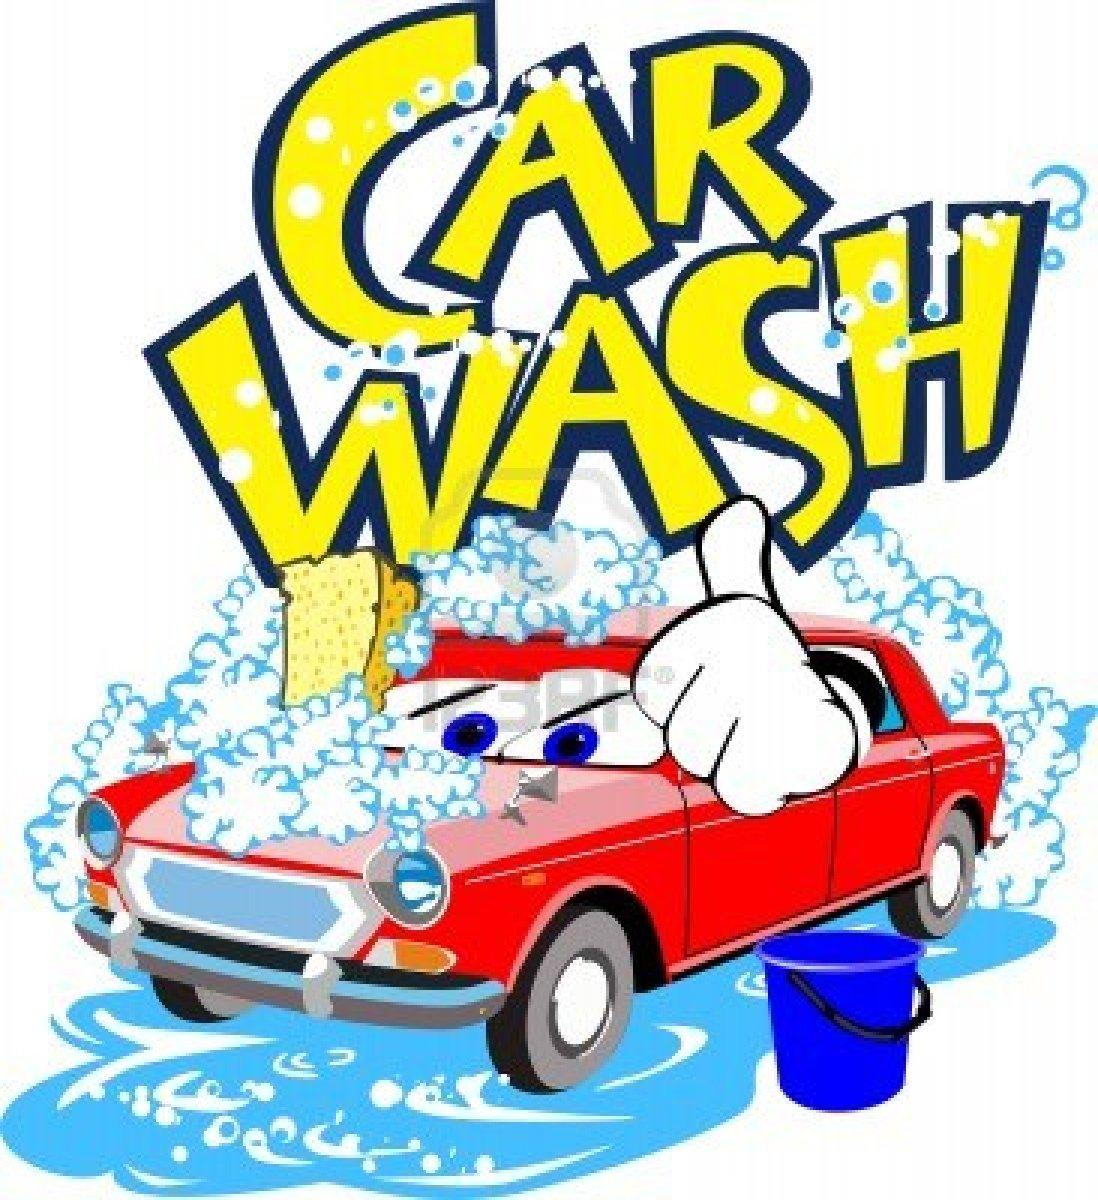 Car Wash Fundraiser Regiment Colorguard Ca...